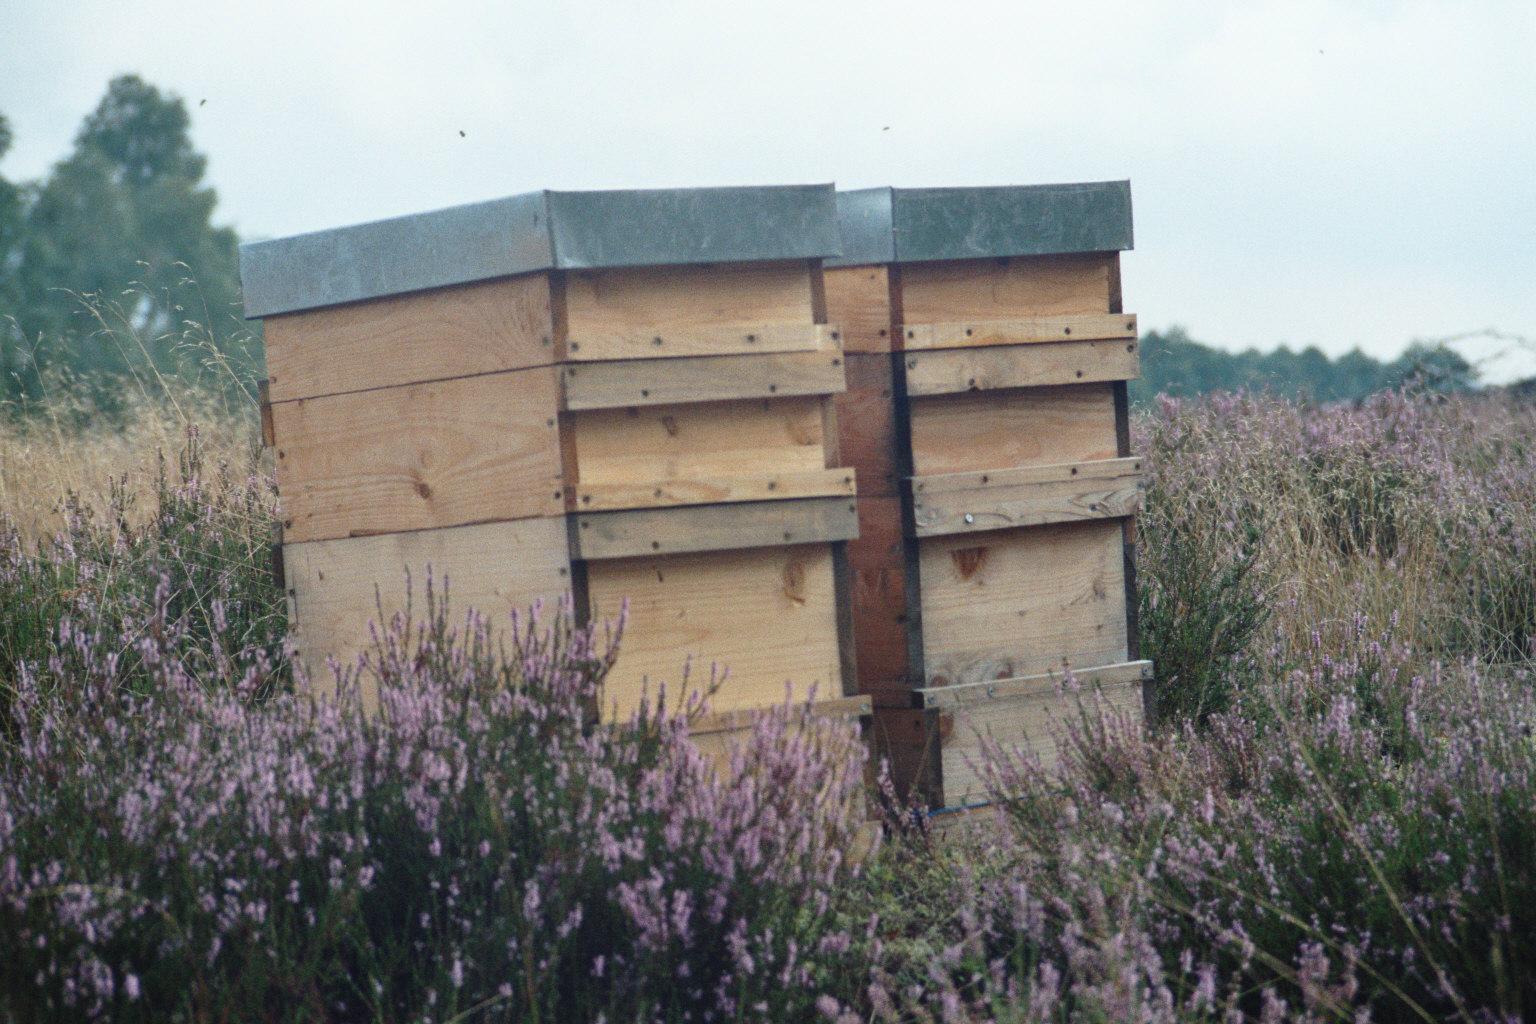 Bienenvölker in der Heide. Die Heideblüte bringt, wenn die Voraussetzungen stimmen, die letzte Ernte im Bienenjahr. Sie blüht im August und September und lässt die Heidelandschaft lila erstrahlen.